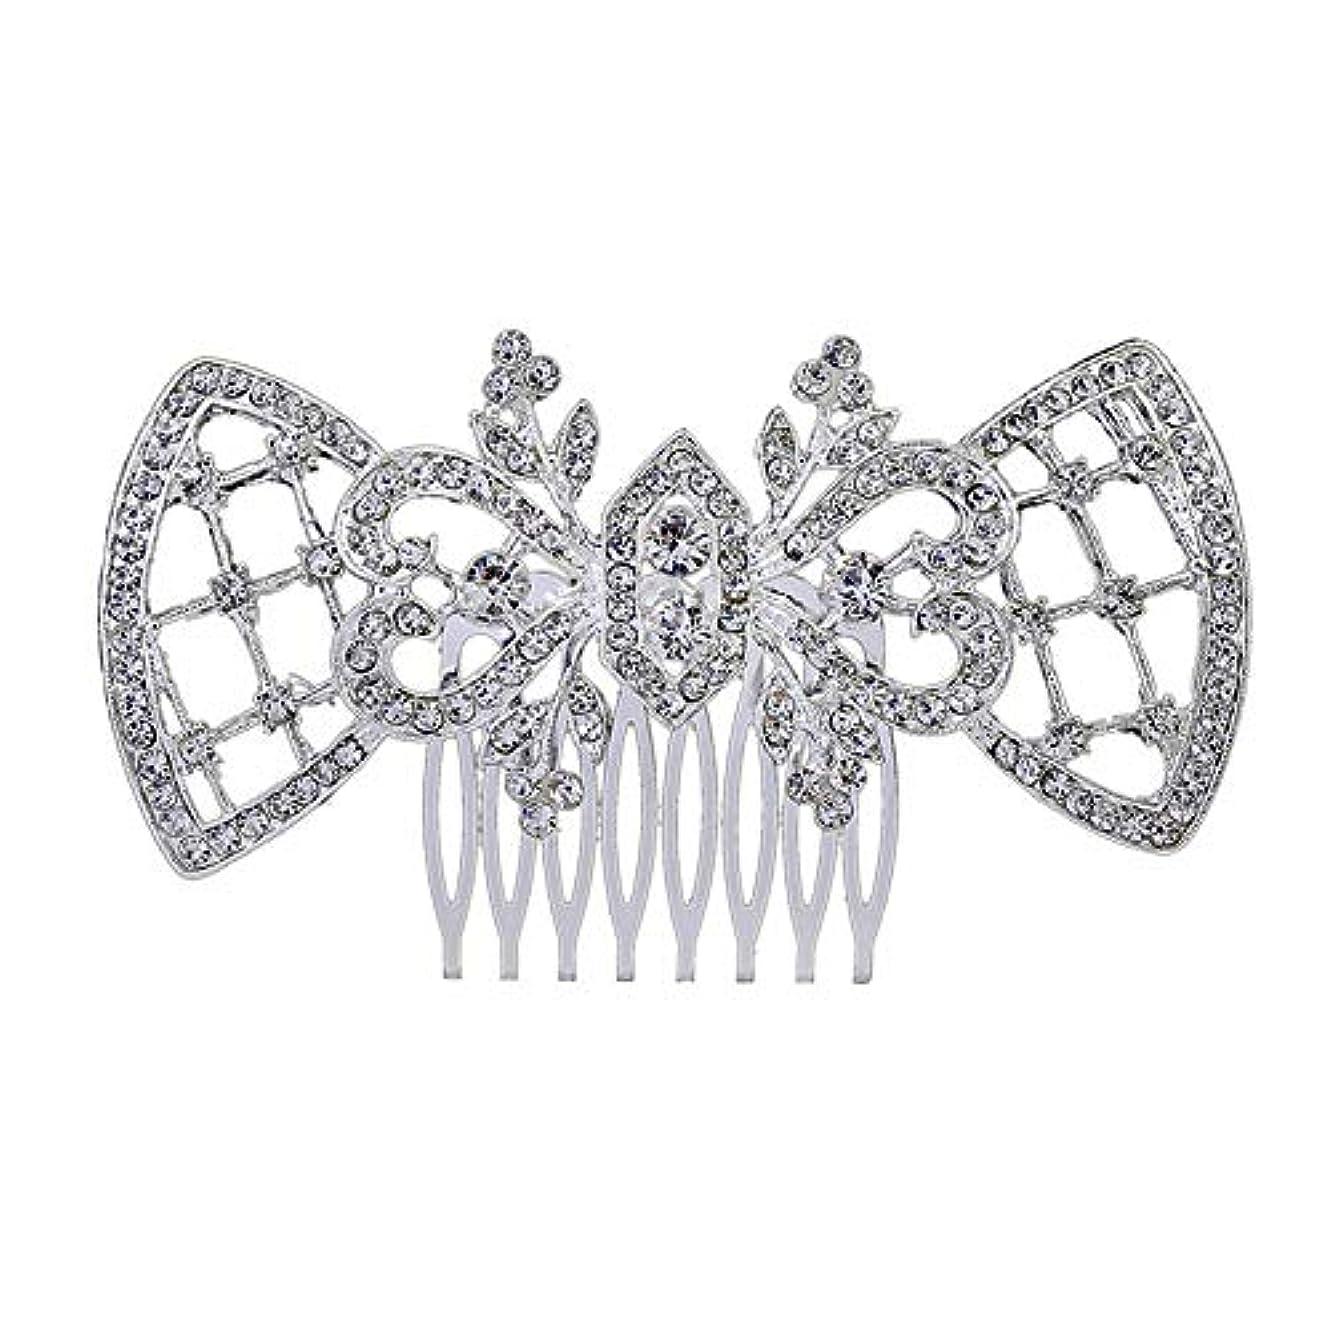 ムス成熟した補う髪の櫛、櫛、ブライダル髪、髪の櫛、ハート形、ラインストーンの櫛、合金の帽子、結婚式のアクセサリー